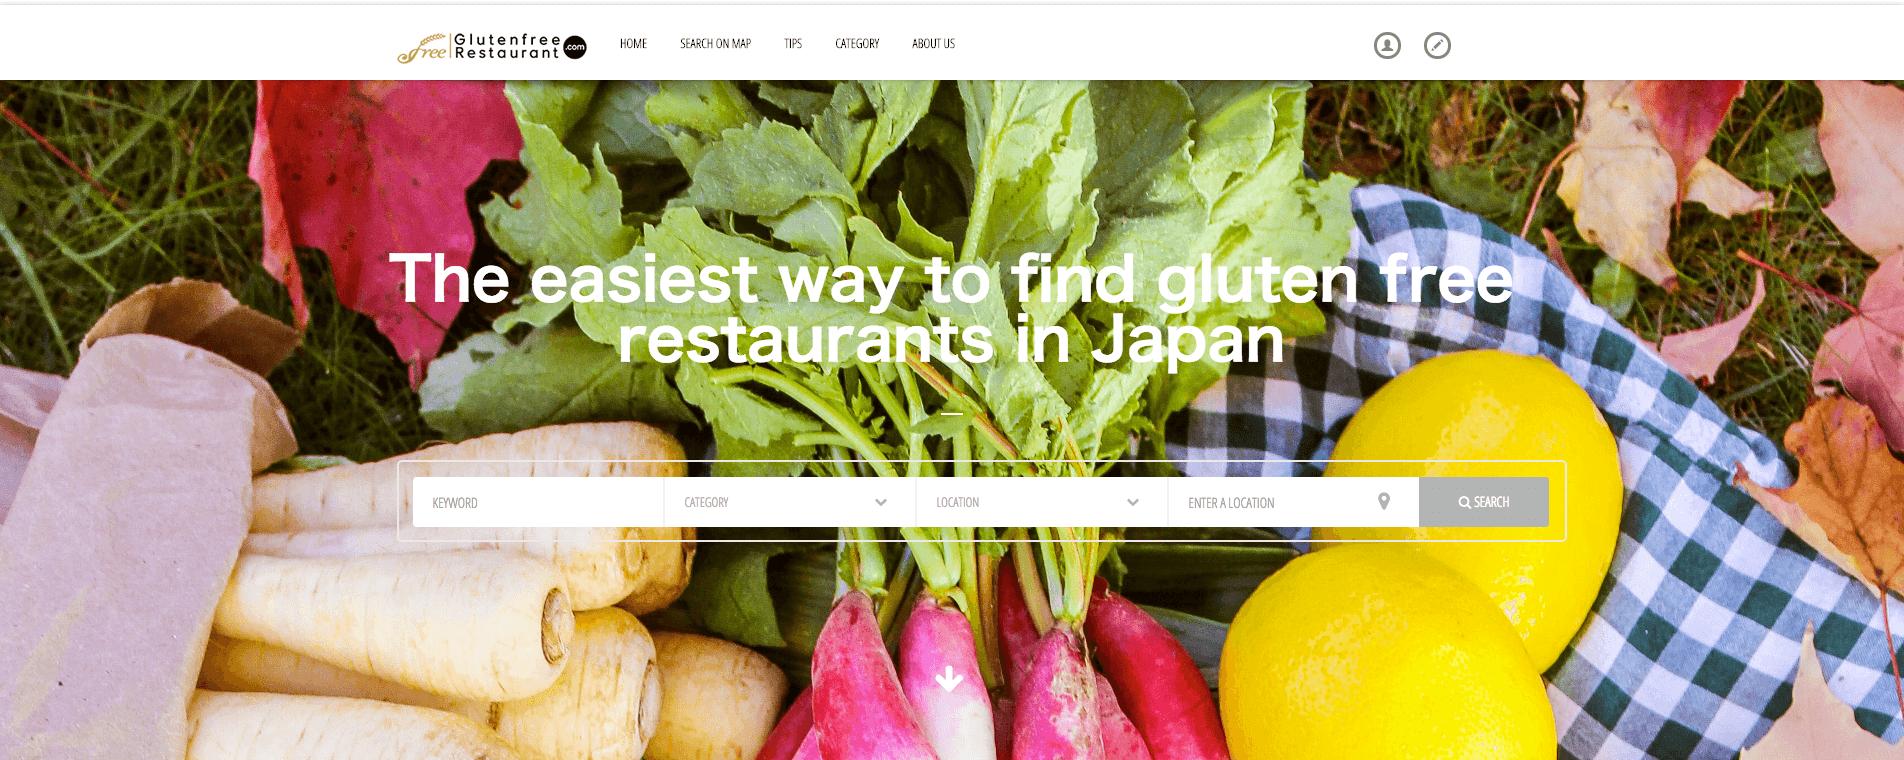 glutenfree-restaurant